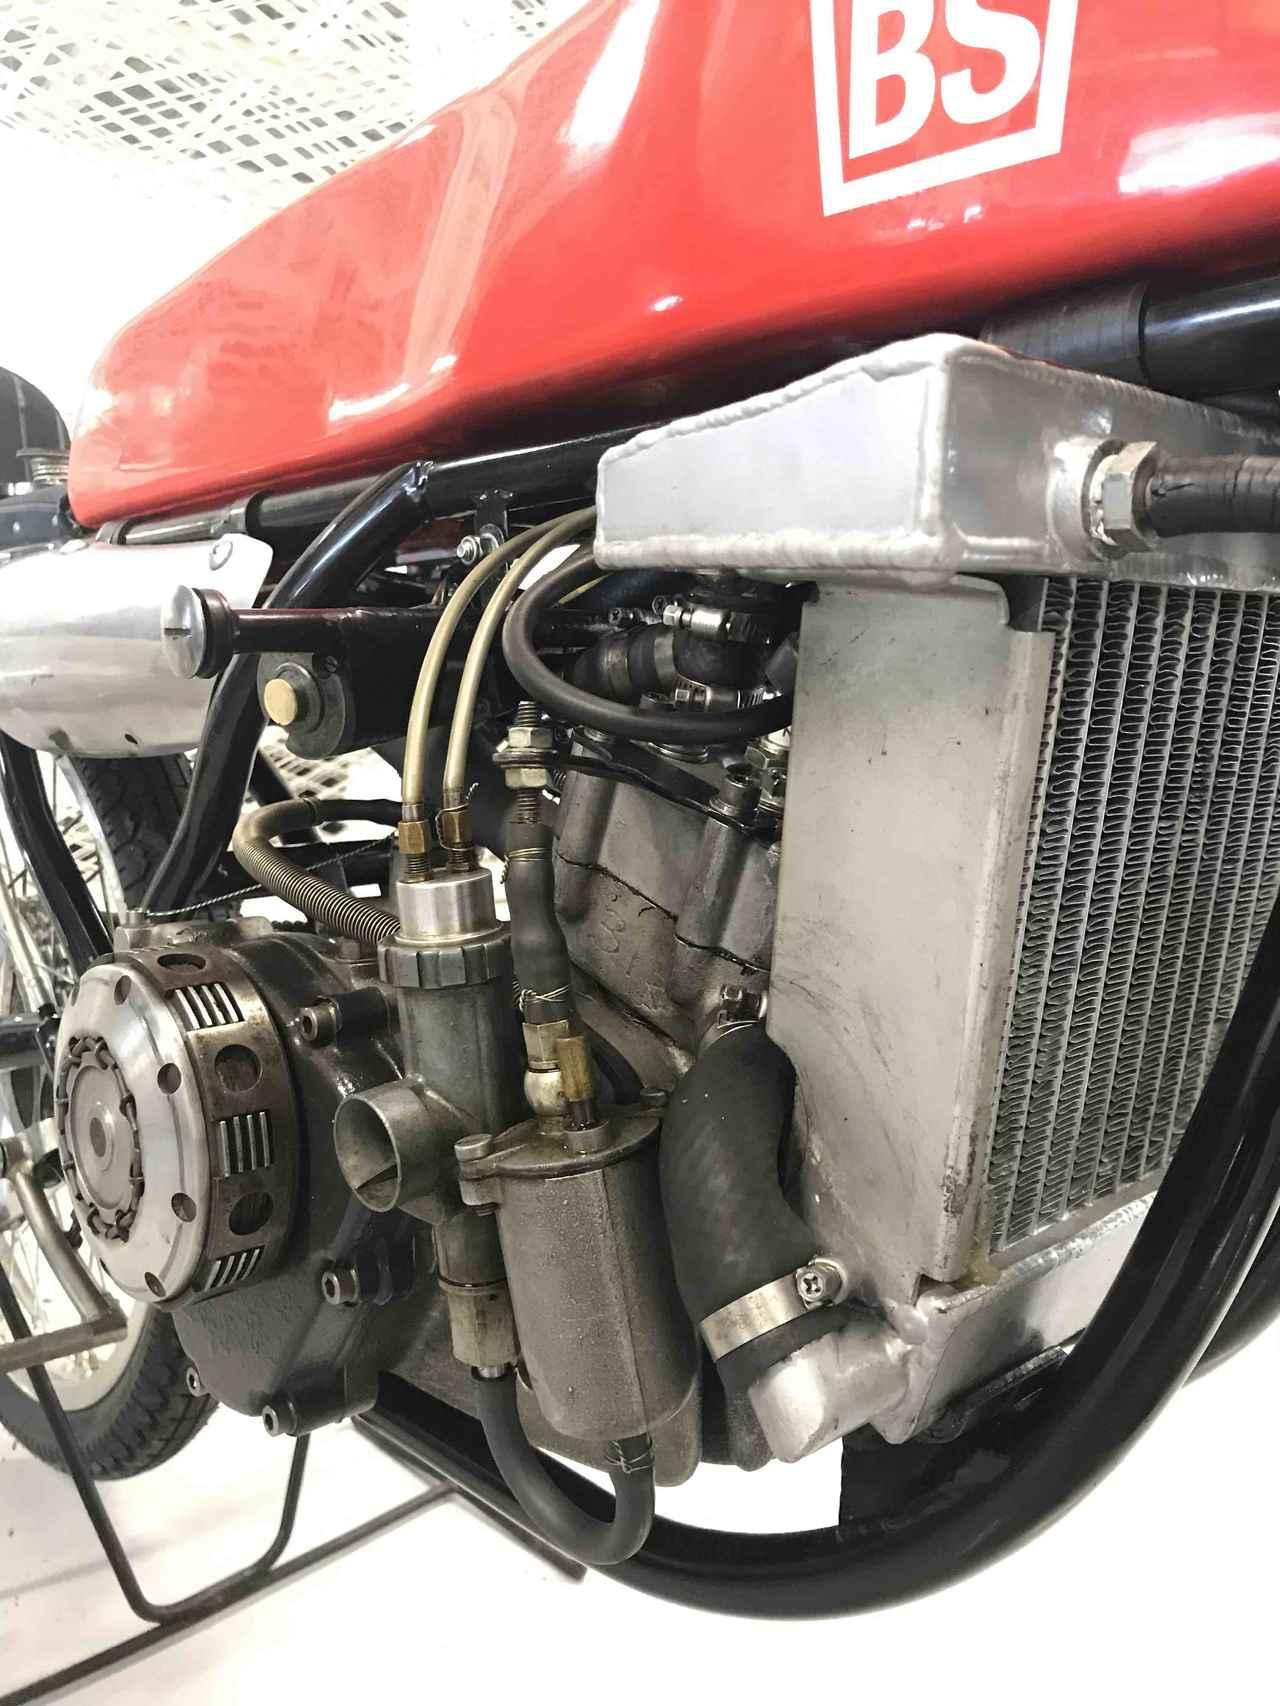 画像: ブリヂストン・・・と言えば多くの方は、タイヤや自転車などを想像するでしょうが、1950〜1960年代を中心とした時代、ブリヂストンはモーターサイクルメーカーとしても活躍していました。こちらは同社のワークス50ccGPレーサー、EJR-3というマシンの心臓部です。水冷2ストローク2気筒という高度なメカニズムを採用。極端に狭いパワーバンドのため、なんと変速器は14段! を備えています。